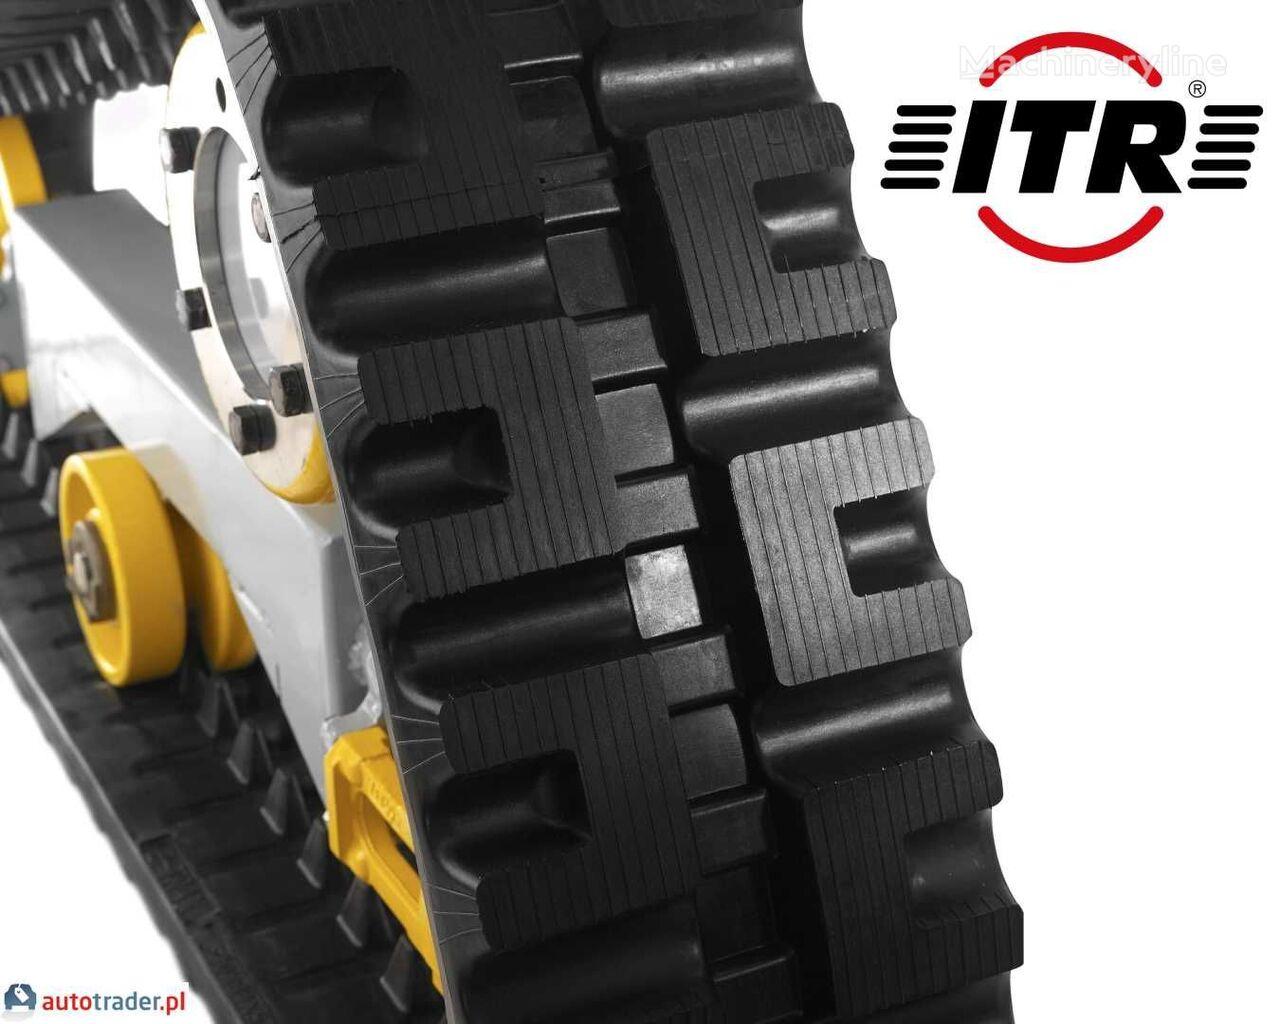 ITR PEL JOB LS406 2016r ITR mini ekskavatör için paletler